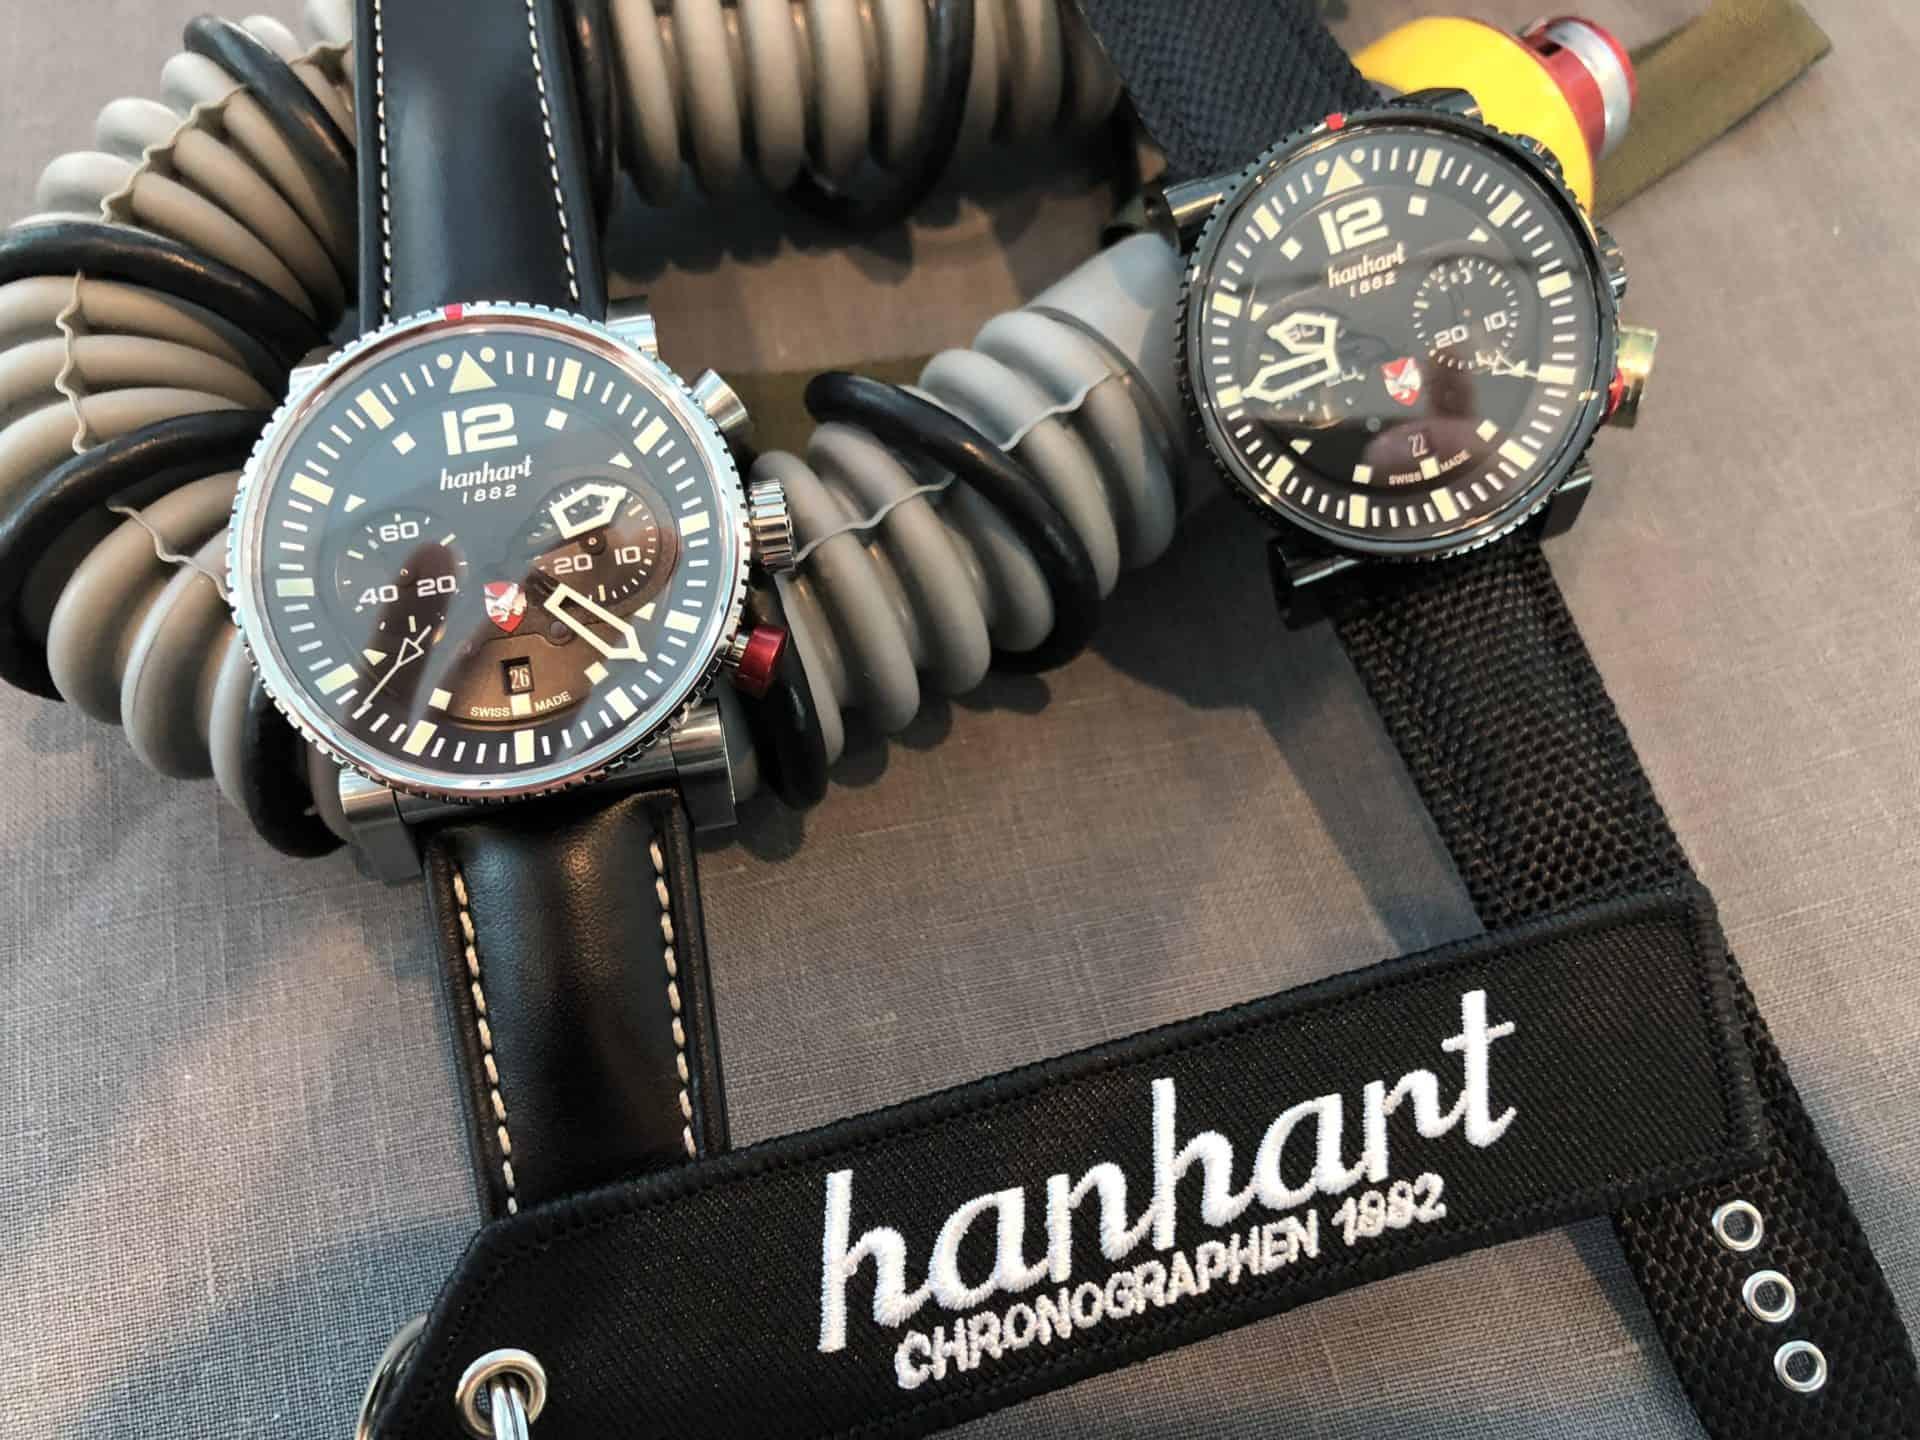 Hanhart und der neue Primus Chronographen für die Austrian Air ForceHanhart Primus Austrian Air Force Pilot: Up up and away